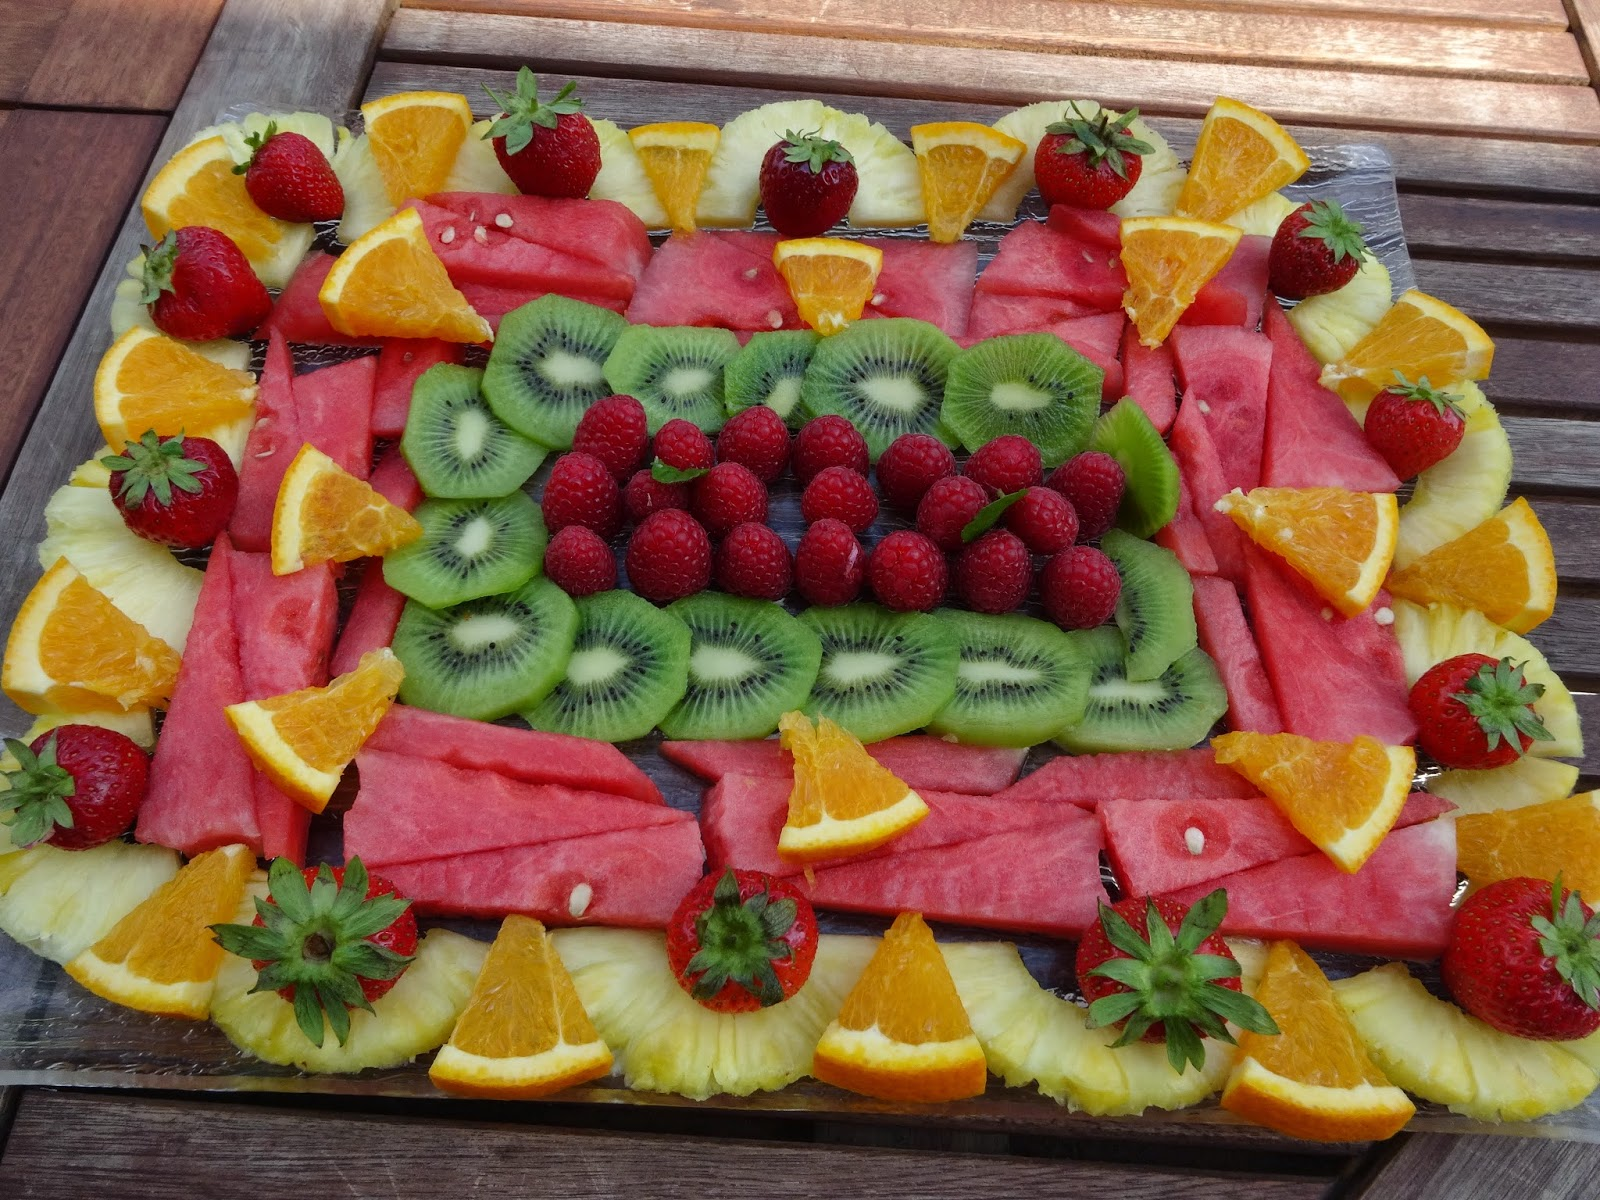 Plateau de fruits frais la cuisine de chris - Idees deco ete pour un decor frais et joyeux ...